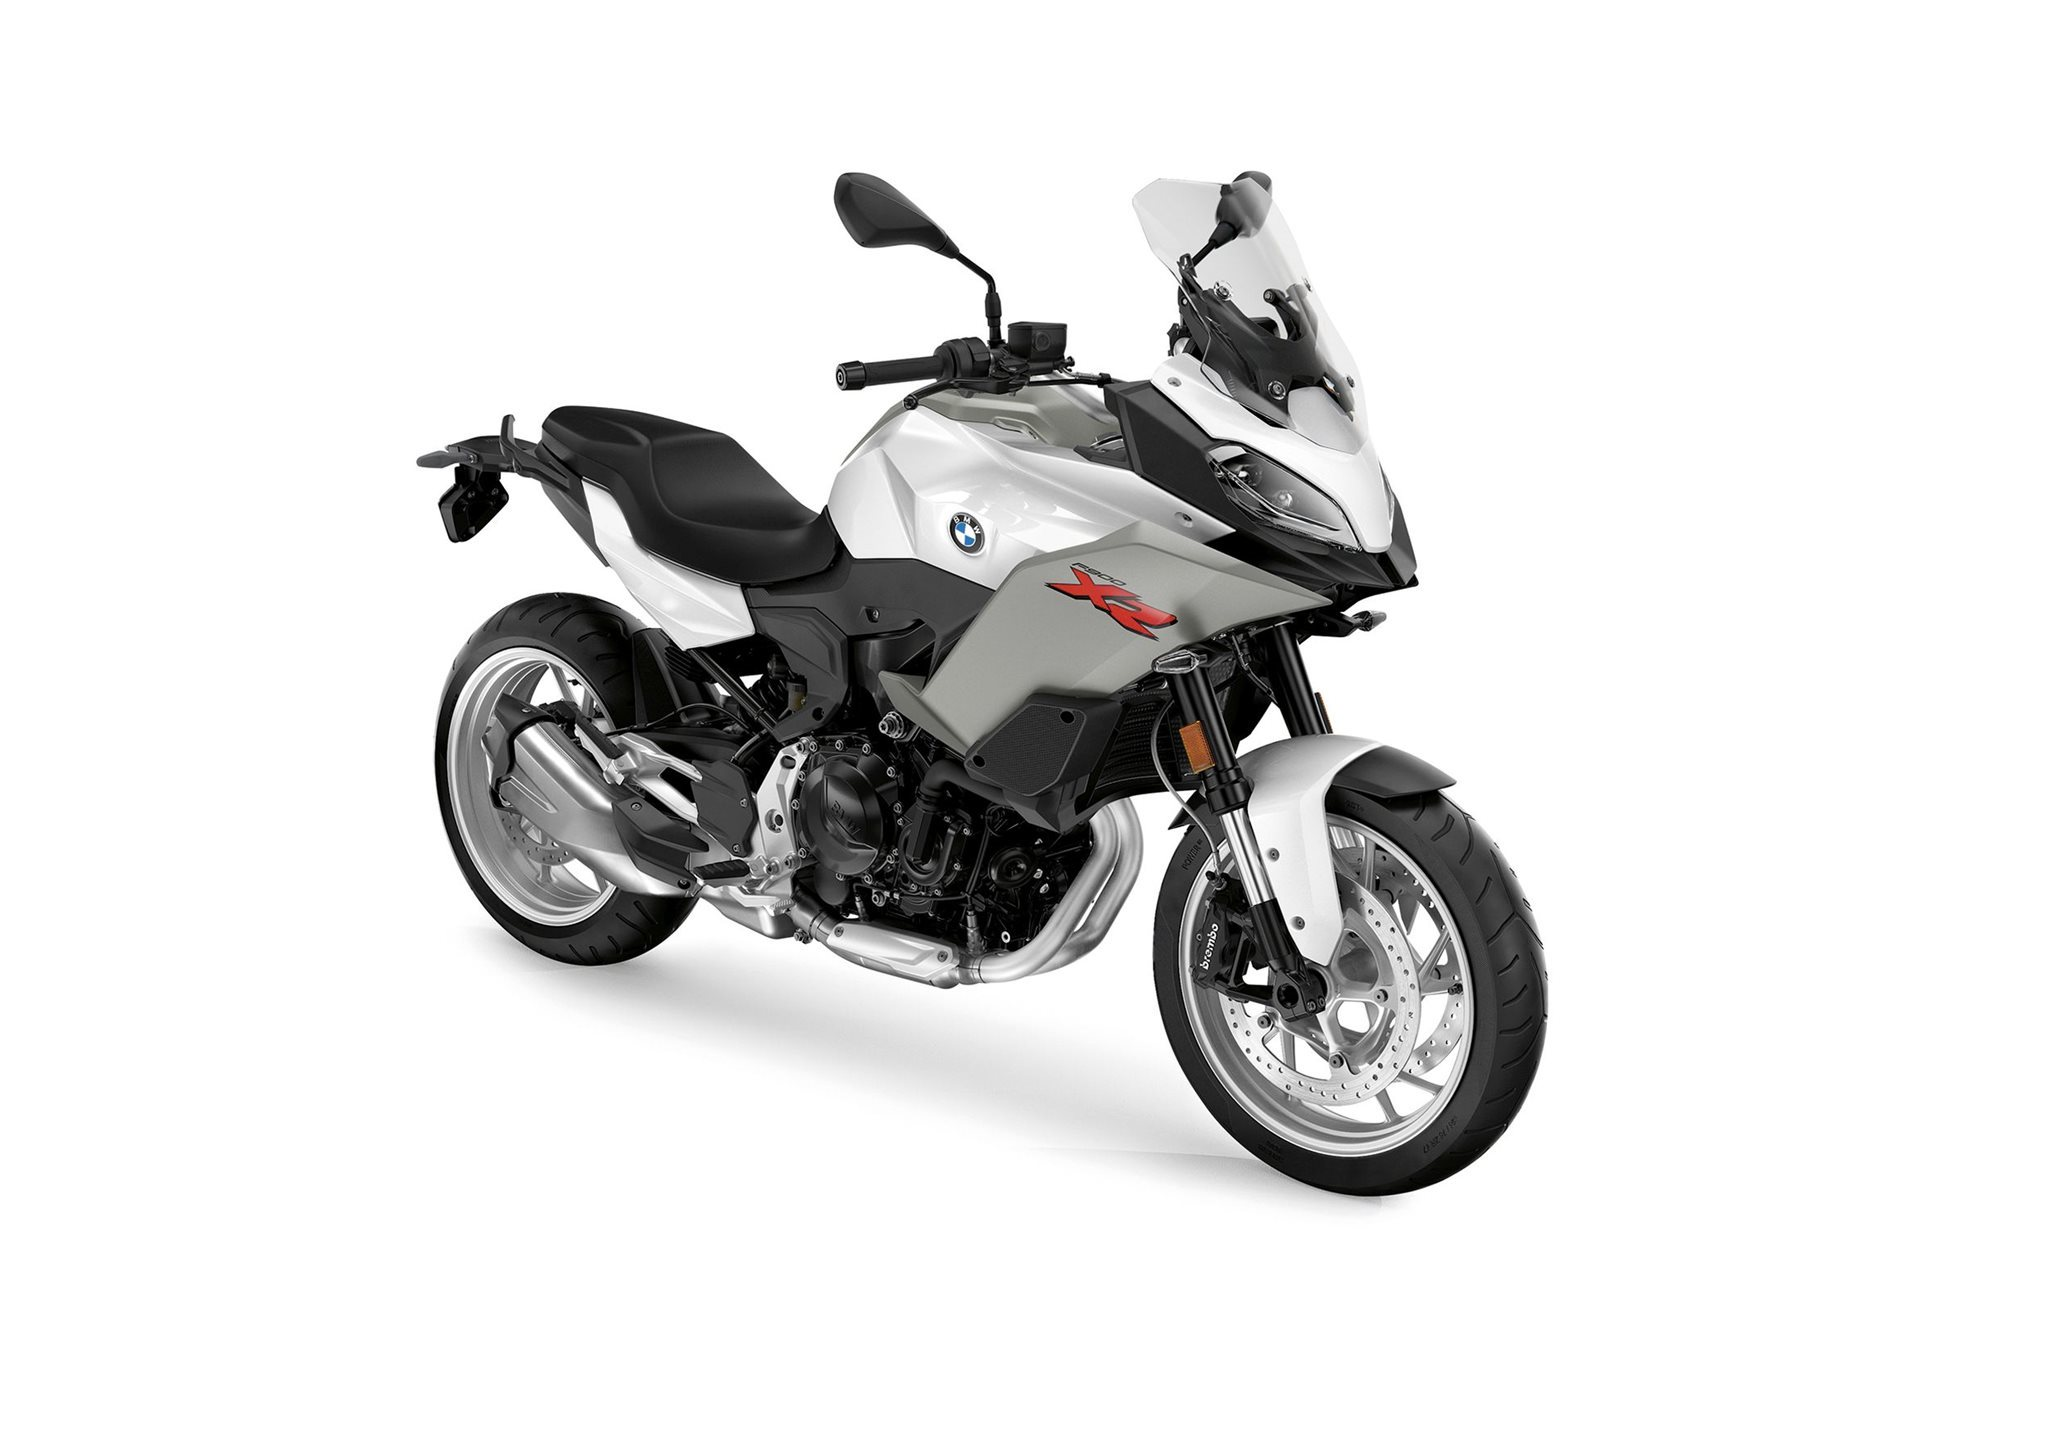 Gebrauchte Und Neue Bmw F 900 Xr Motorräder Kaufen